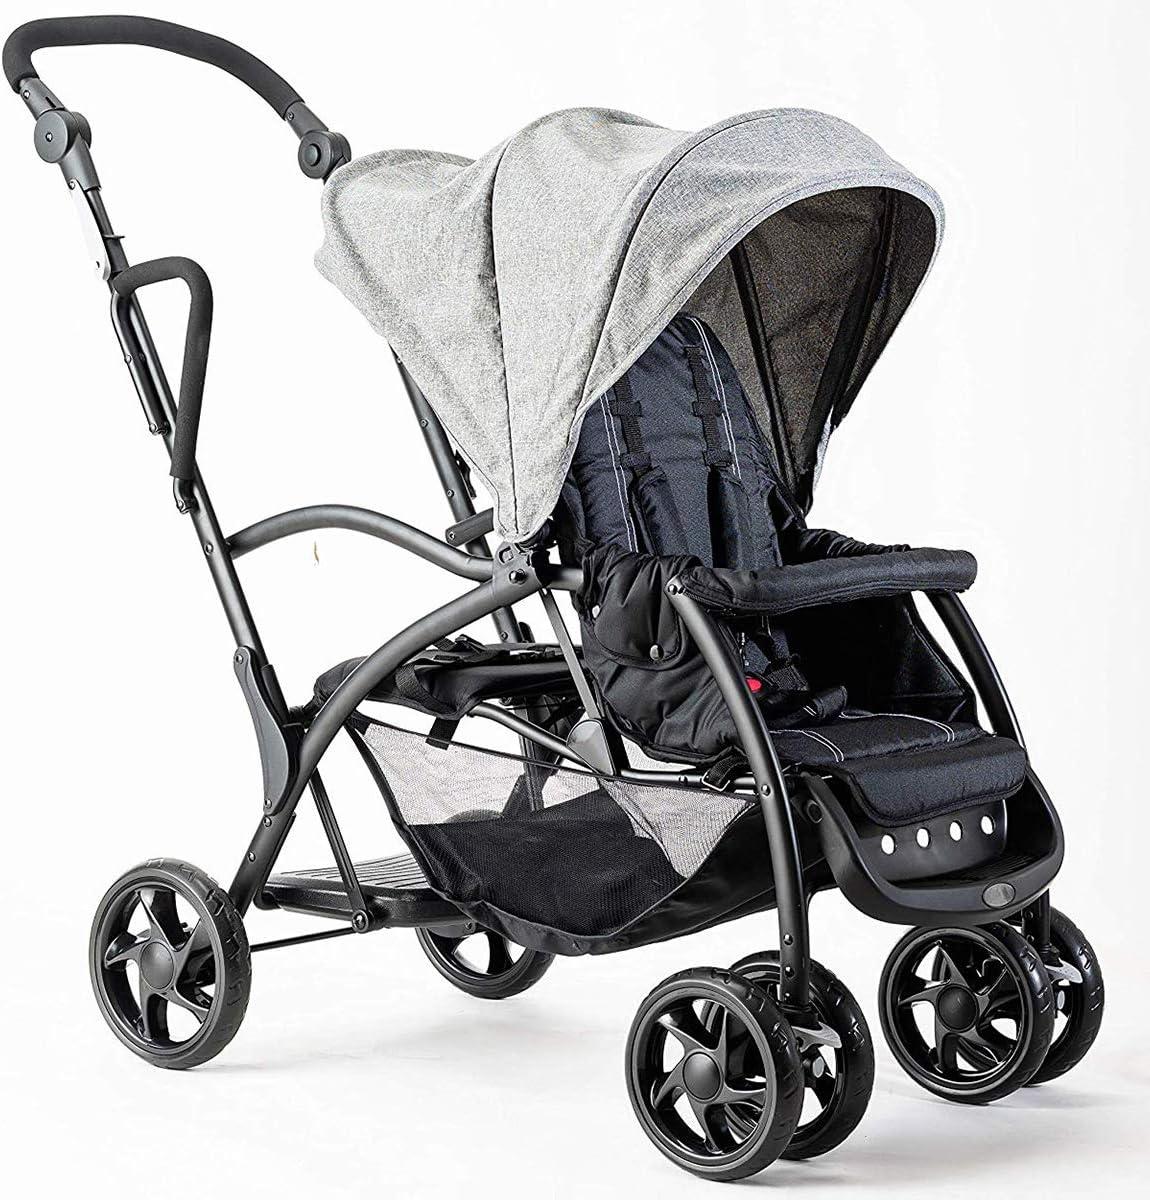 一台で2人乗せることが可能 ハンドルの高さ調節が可能 シェードも可動式でお子様を守れる フットブレーキ付き 座席はリクライニング可能 ストッパー付きで安全 (グレー色) グレー